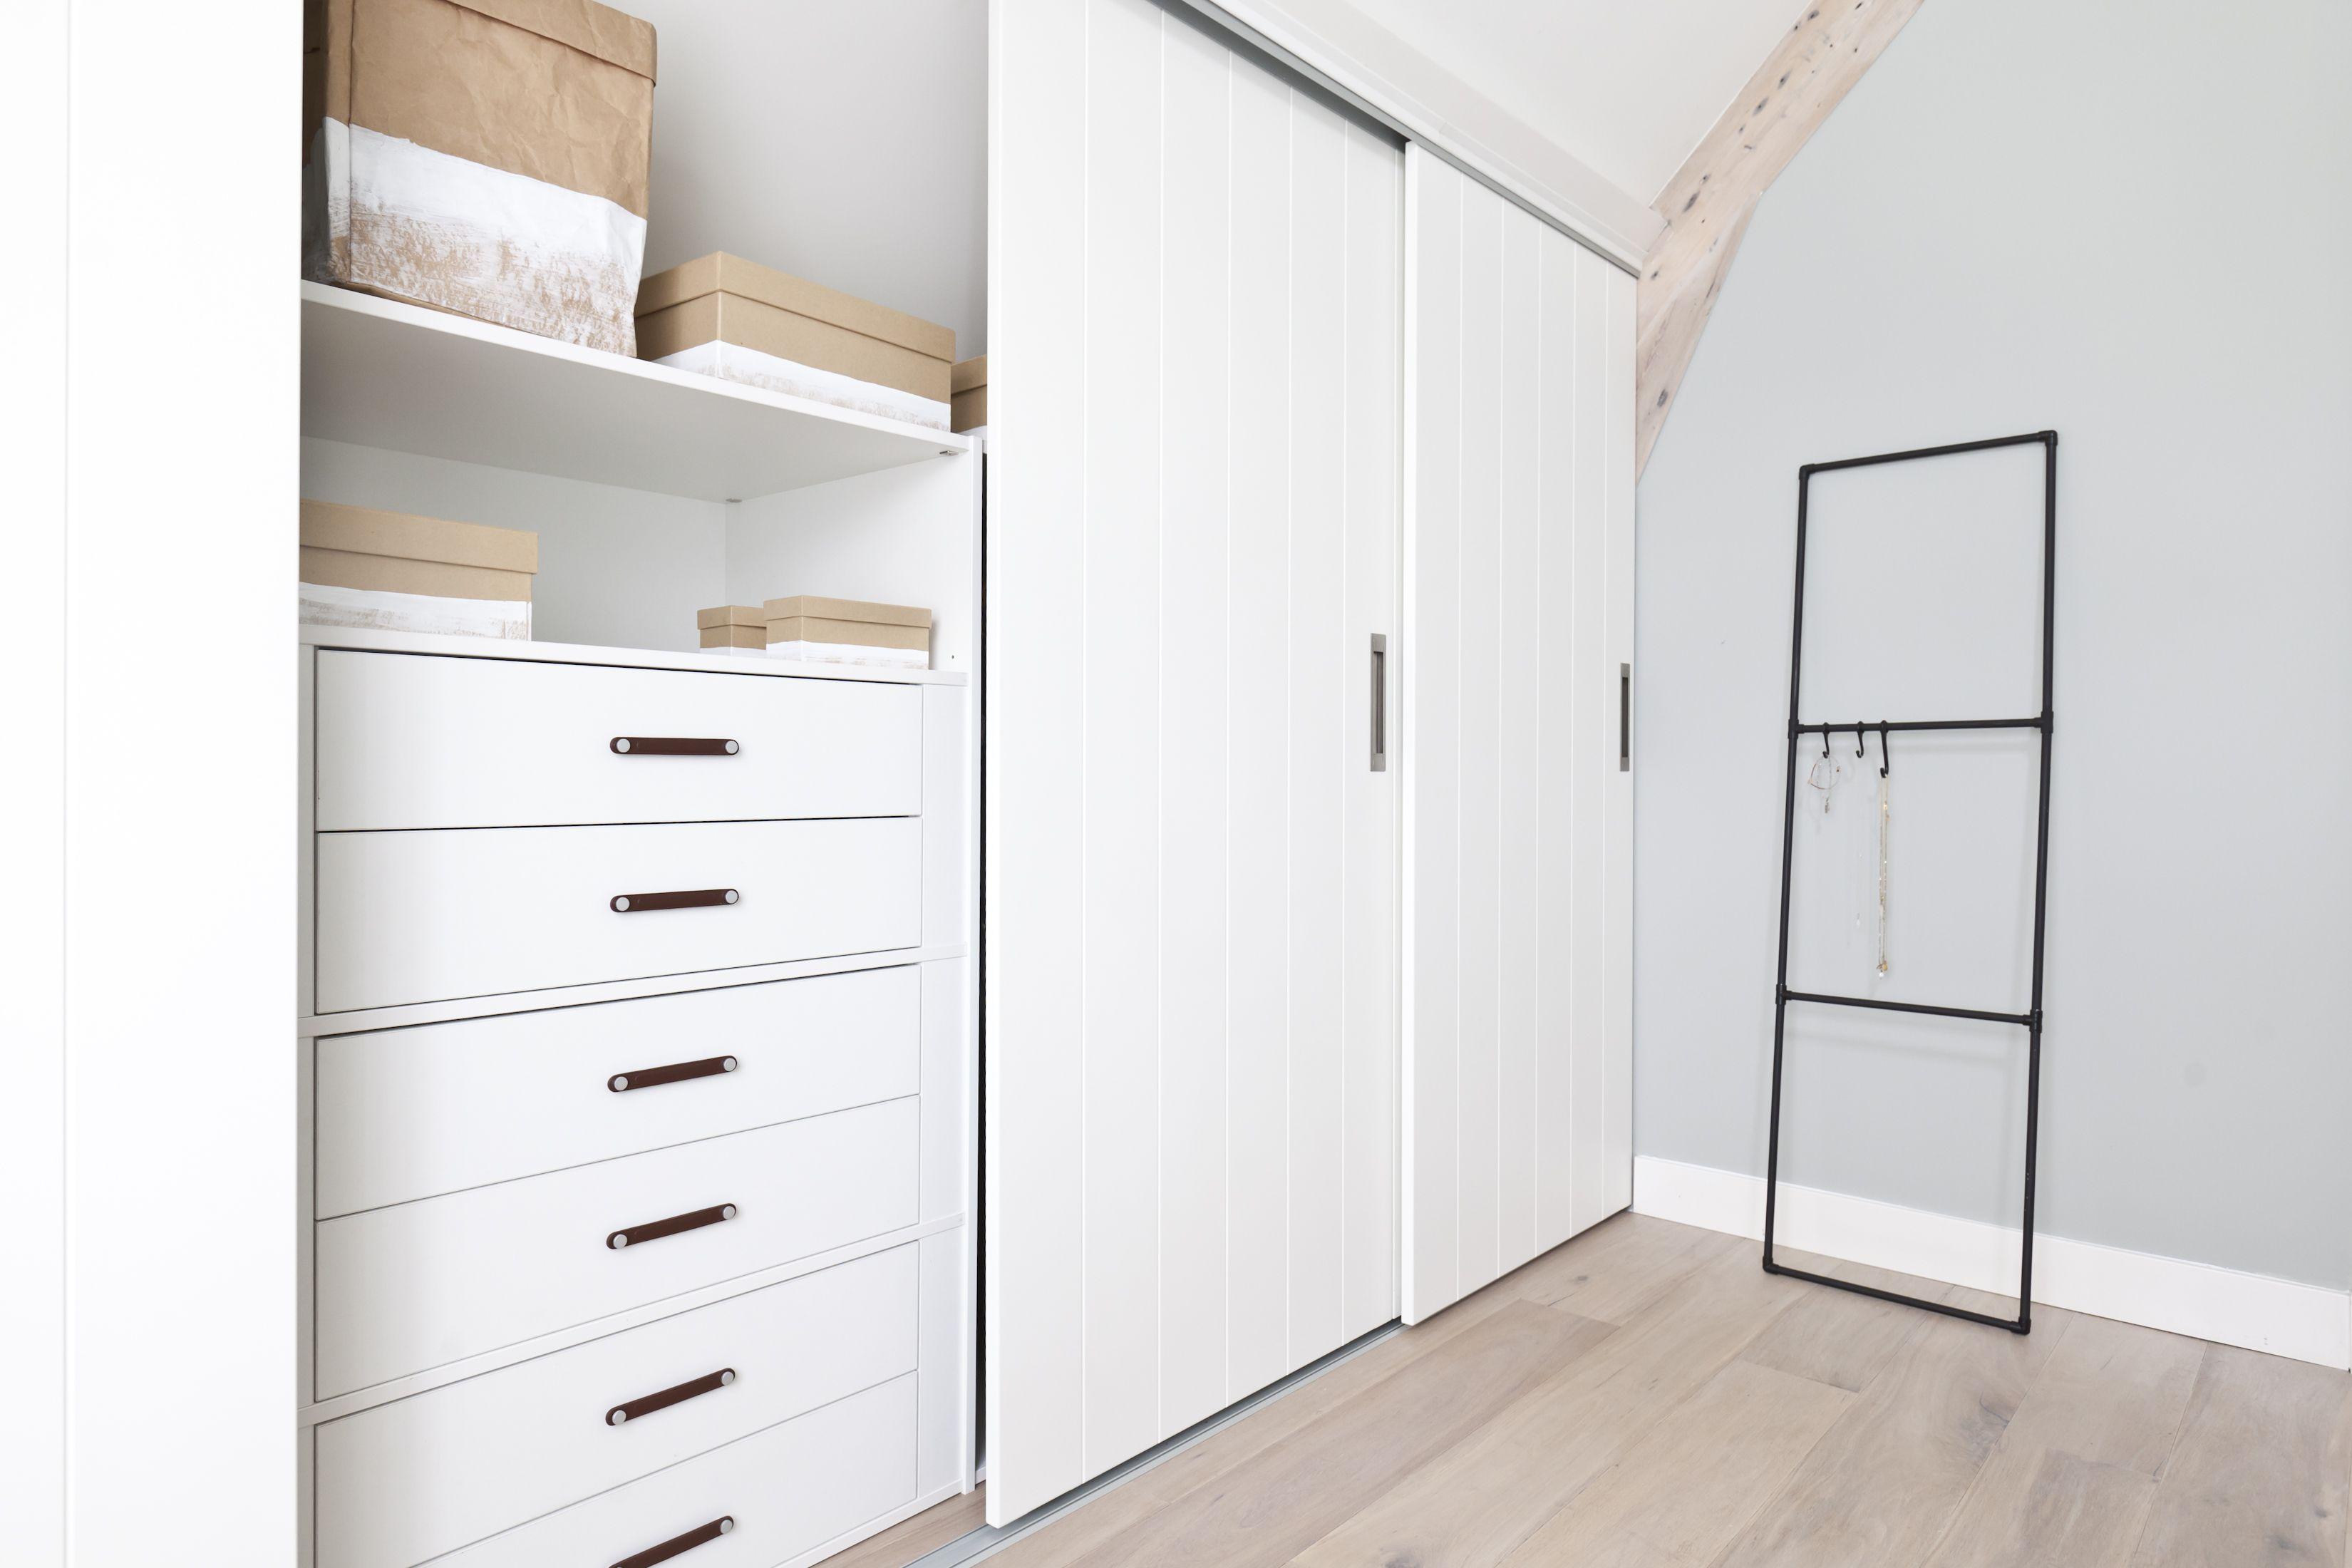 4 bedroom loft  KARWEI  Aflevering  De witte schuifdeuren geven de kamer een